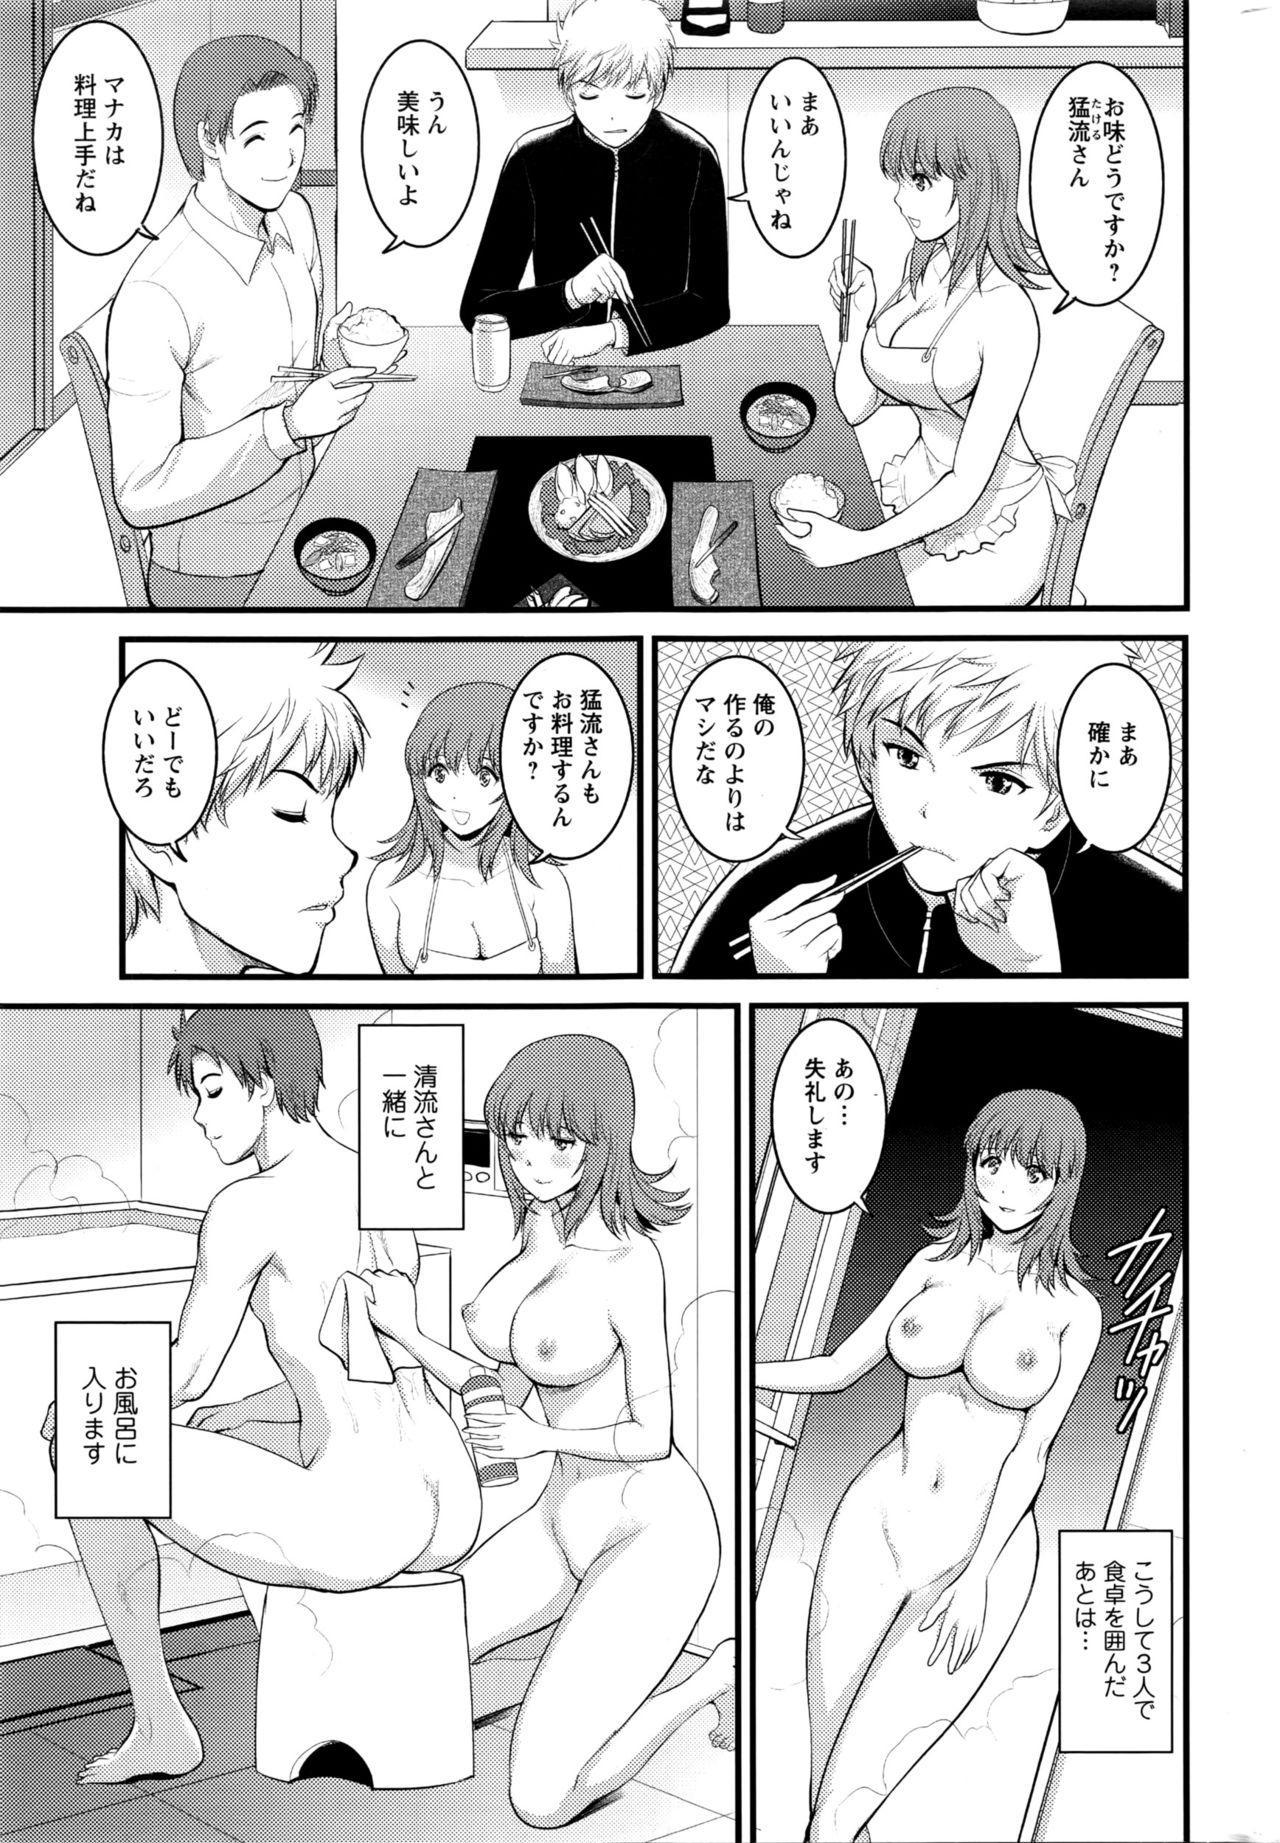 [Saigado] Part time Manaka-san 2nd Ch. 1-3 26